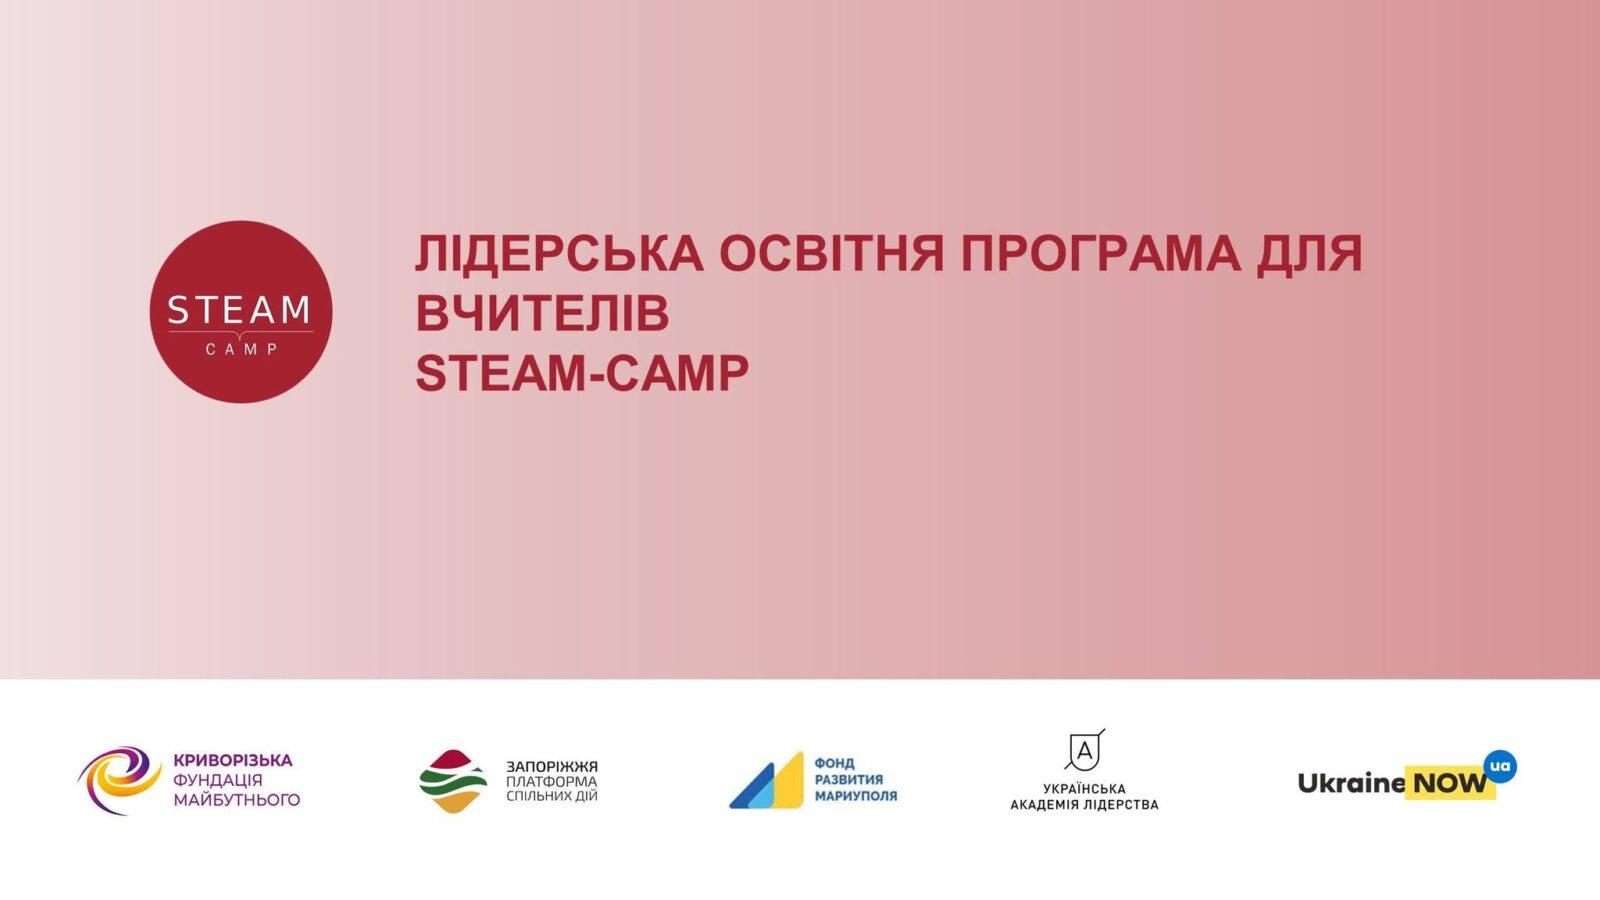 Лідерська навчальна програма для вчителів STEAM-CAMP